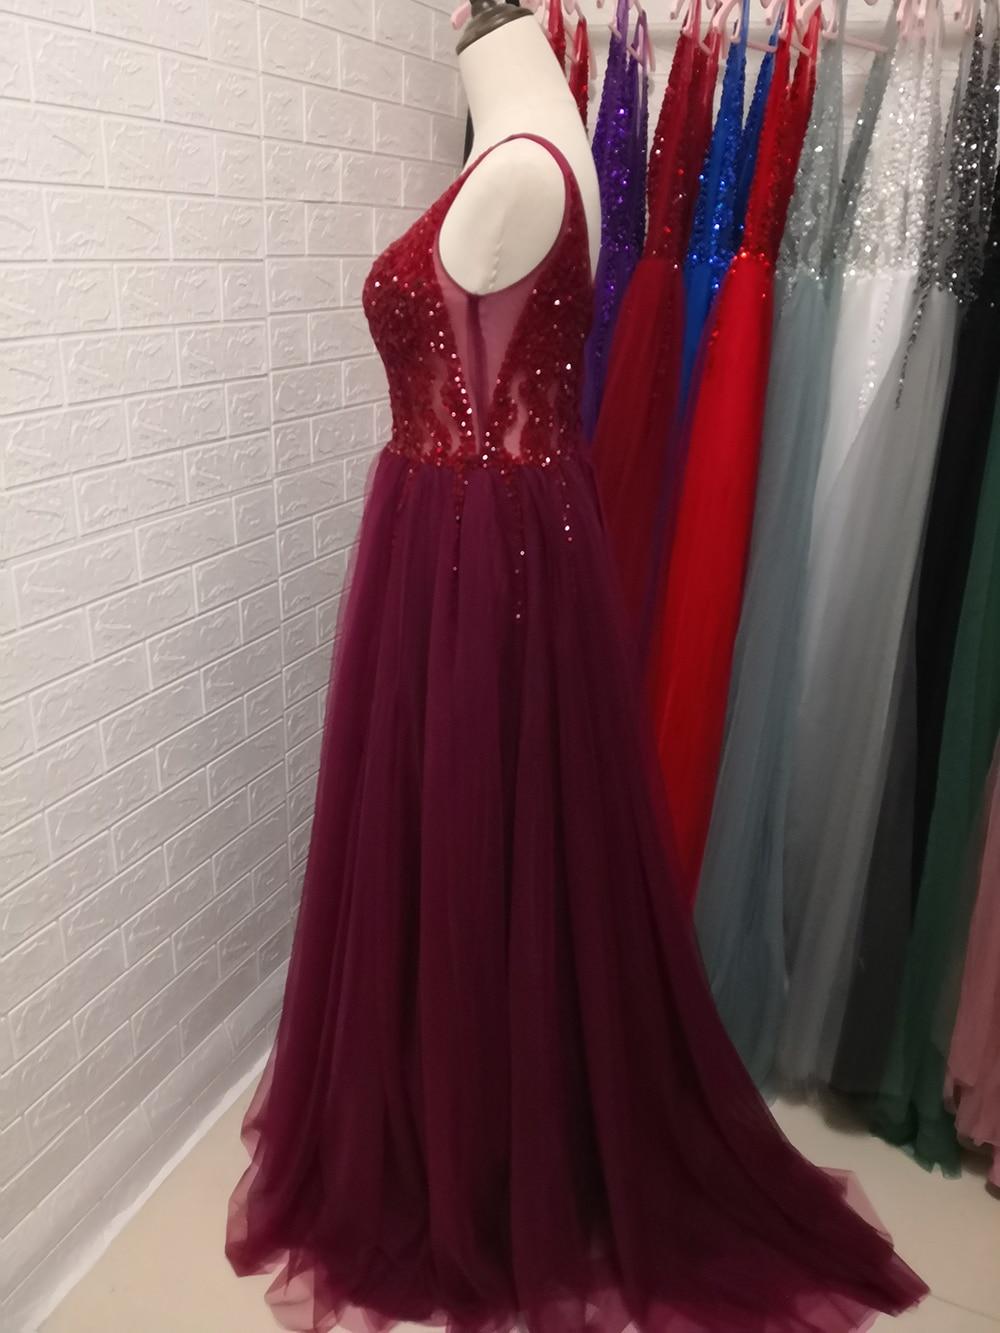 Сексуальное длинное вечернее платье с глубоким v-образным вырезом и разрезом сбоку, Новое поступление года, блестящее платье с высоким разрезом и открытой спиной, Abendkleider Lang - Цвет: dark burgundy